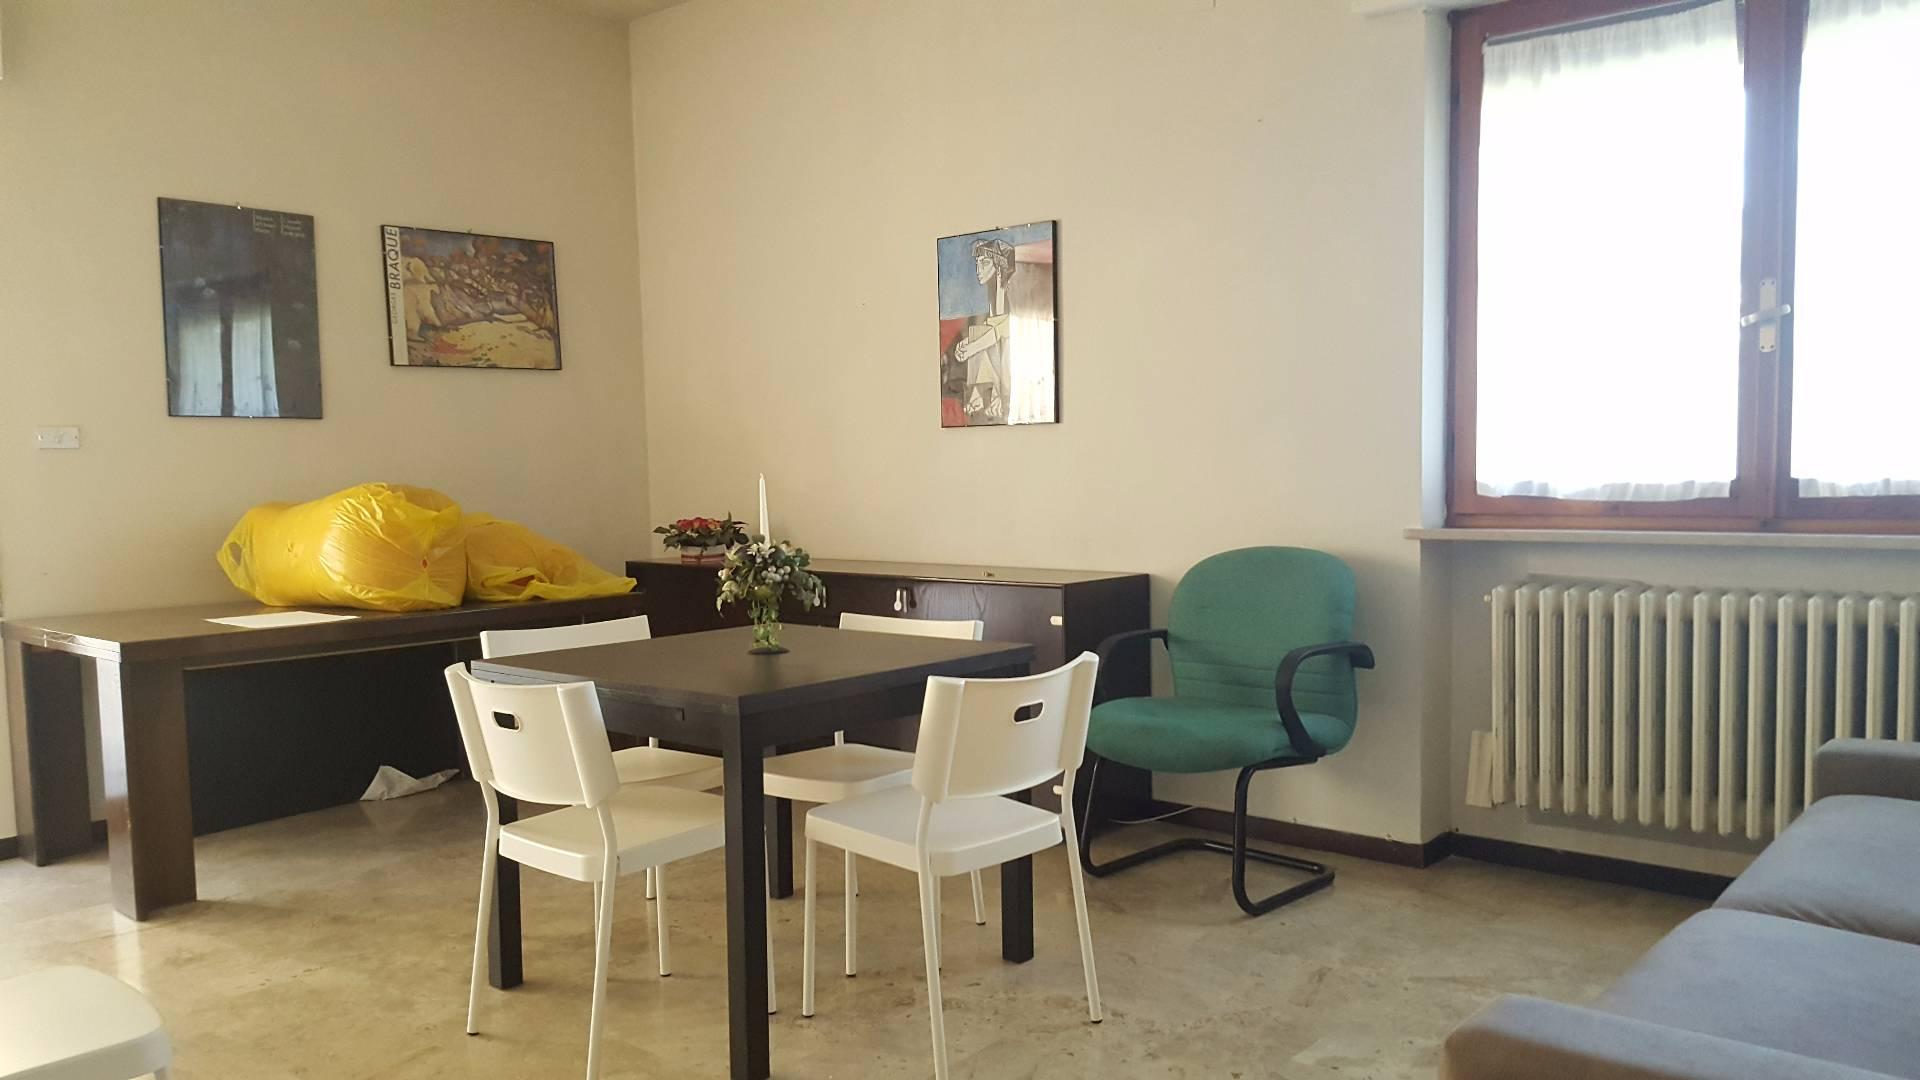 Appartamento in affitto a Teramo, 2 locali, zona Zona: Centro , prezzo € 450 | Cambio Casa.it